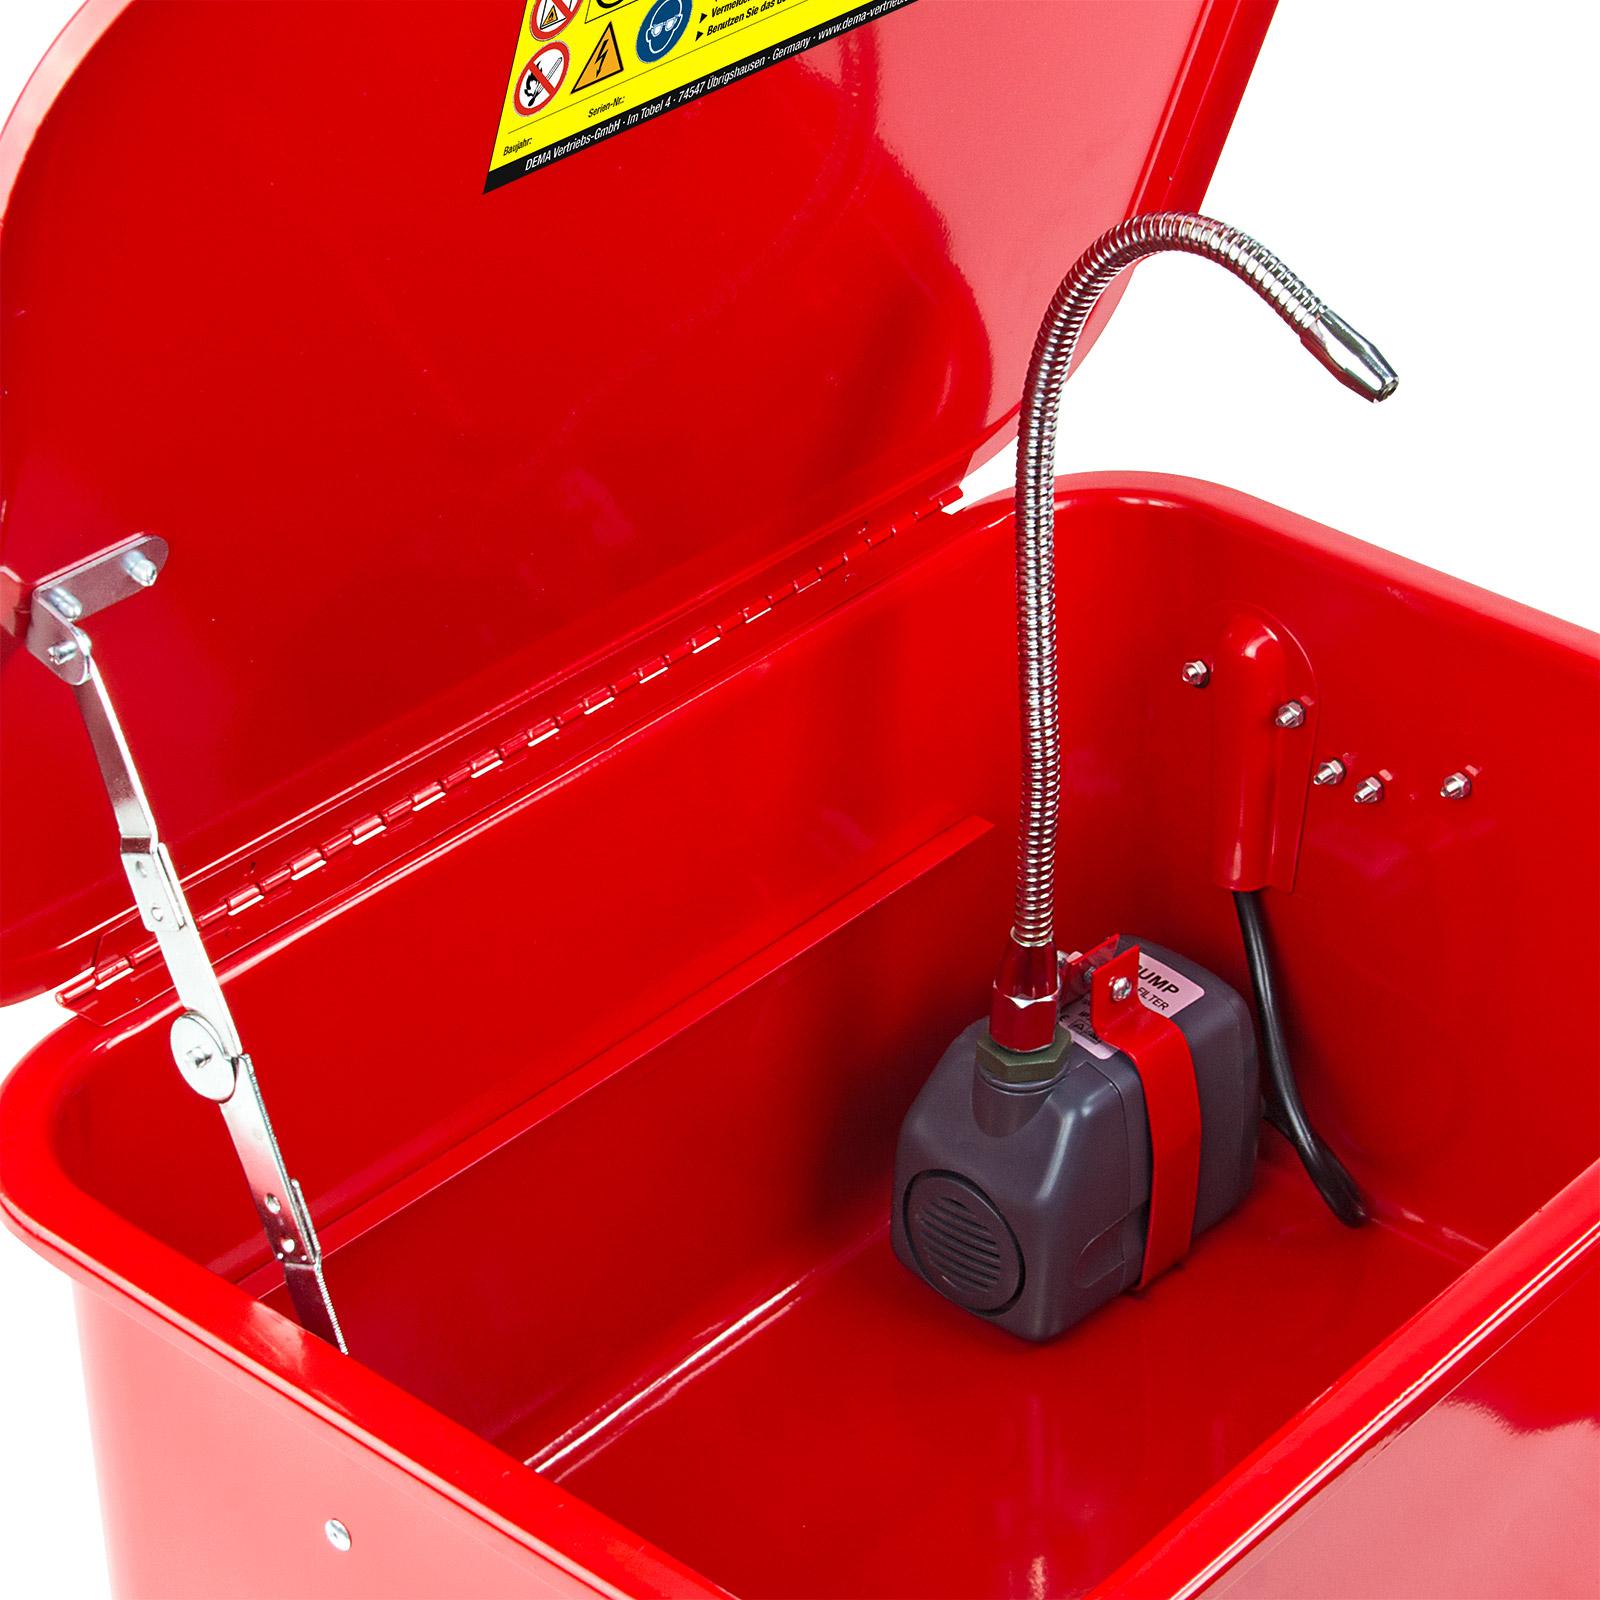 Teilewaschgerät Waschgerät 13 Liter Teilereiniger Teilewascher Reinigung 913949